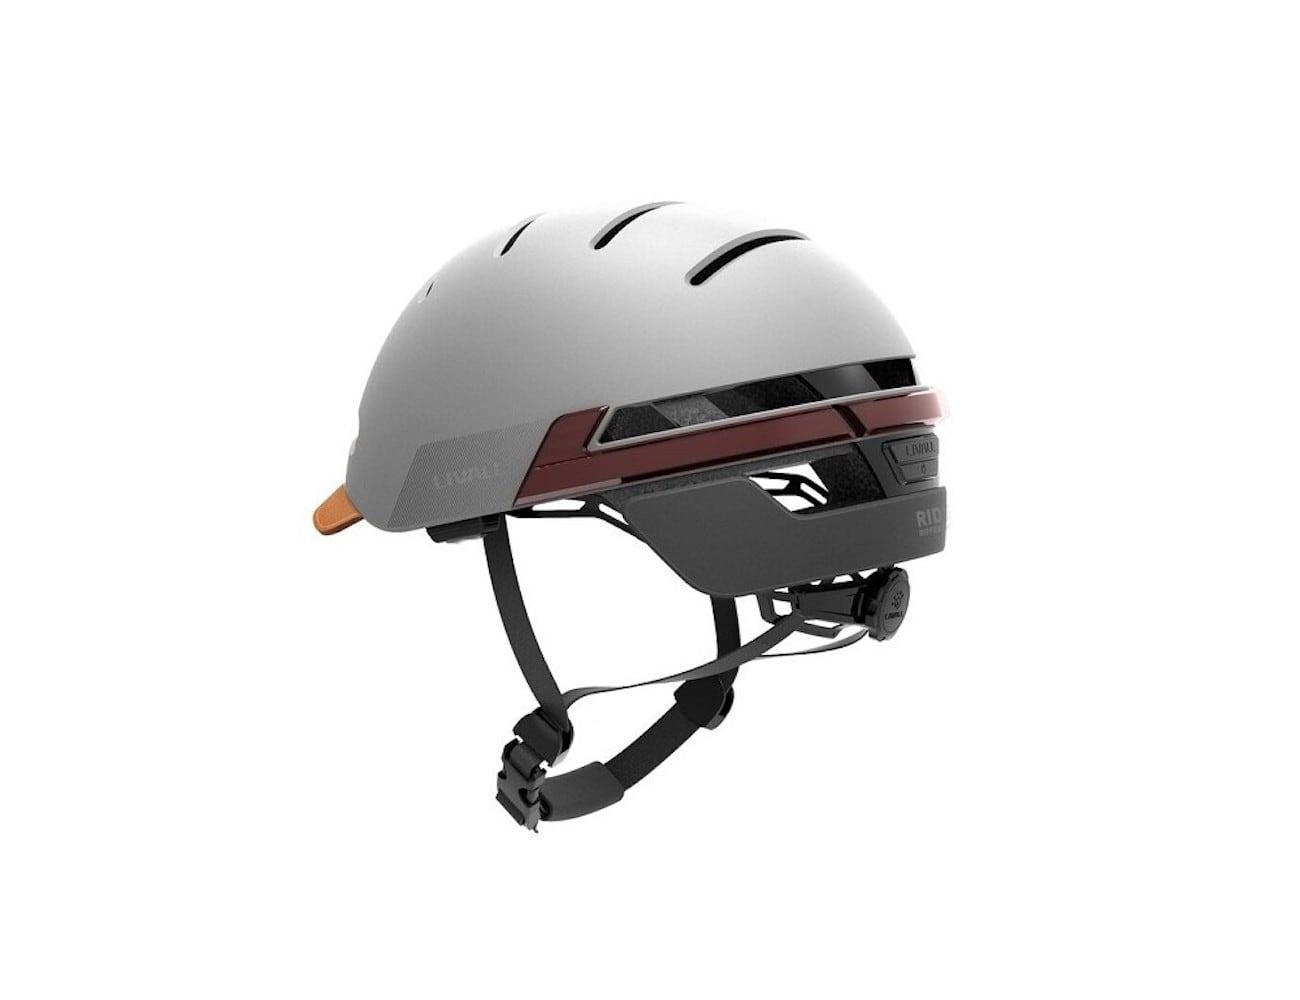 LIVALL BH51M Smart Bike Helmet » Gadget Flow